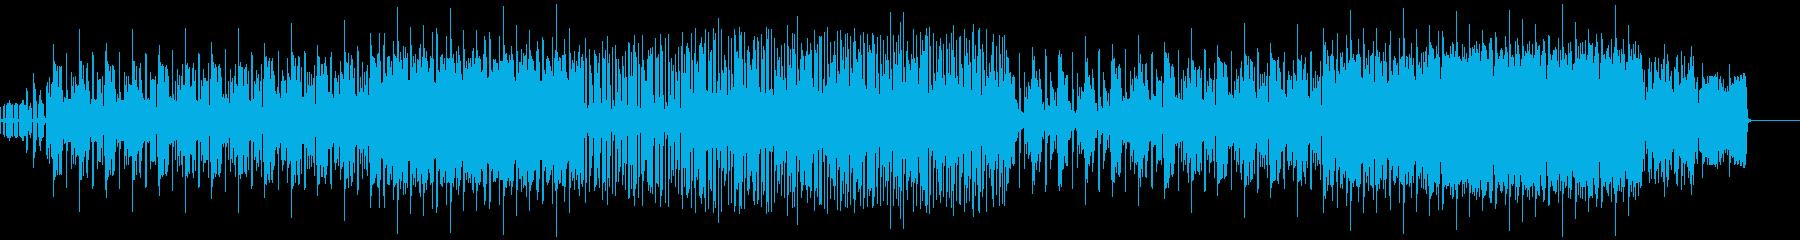 小気味良いリズムと情緒あるメロディの曲の再生済みの波形